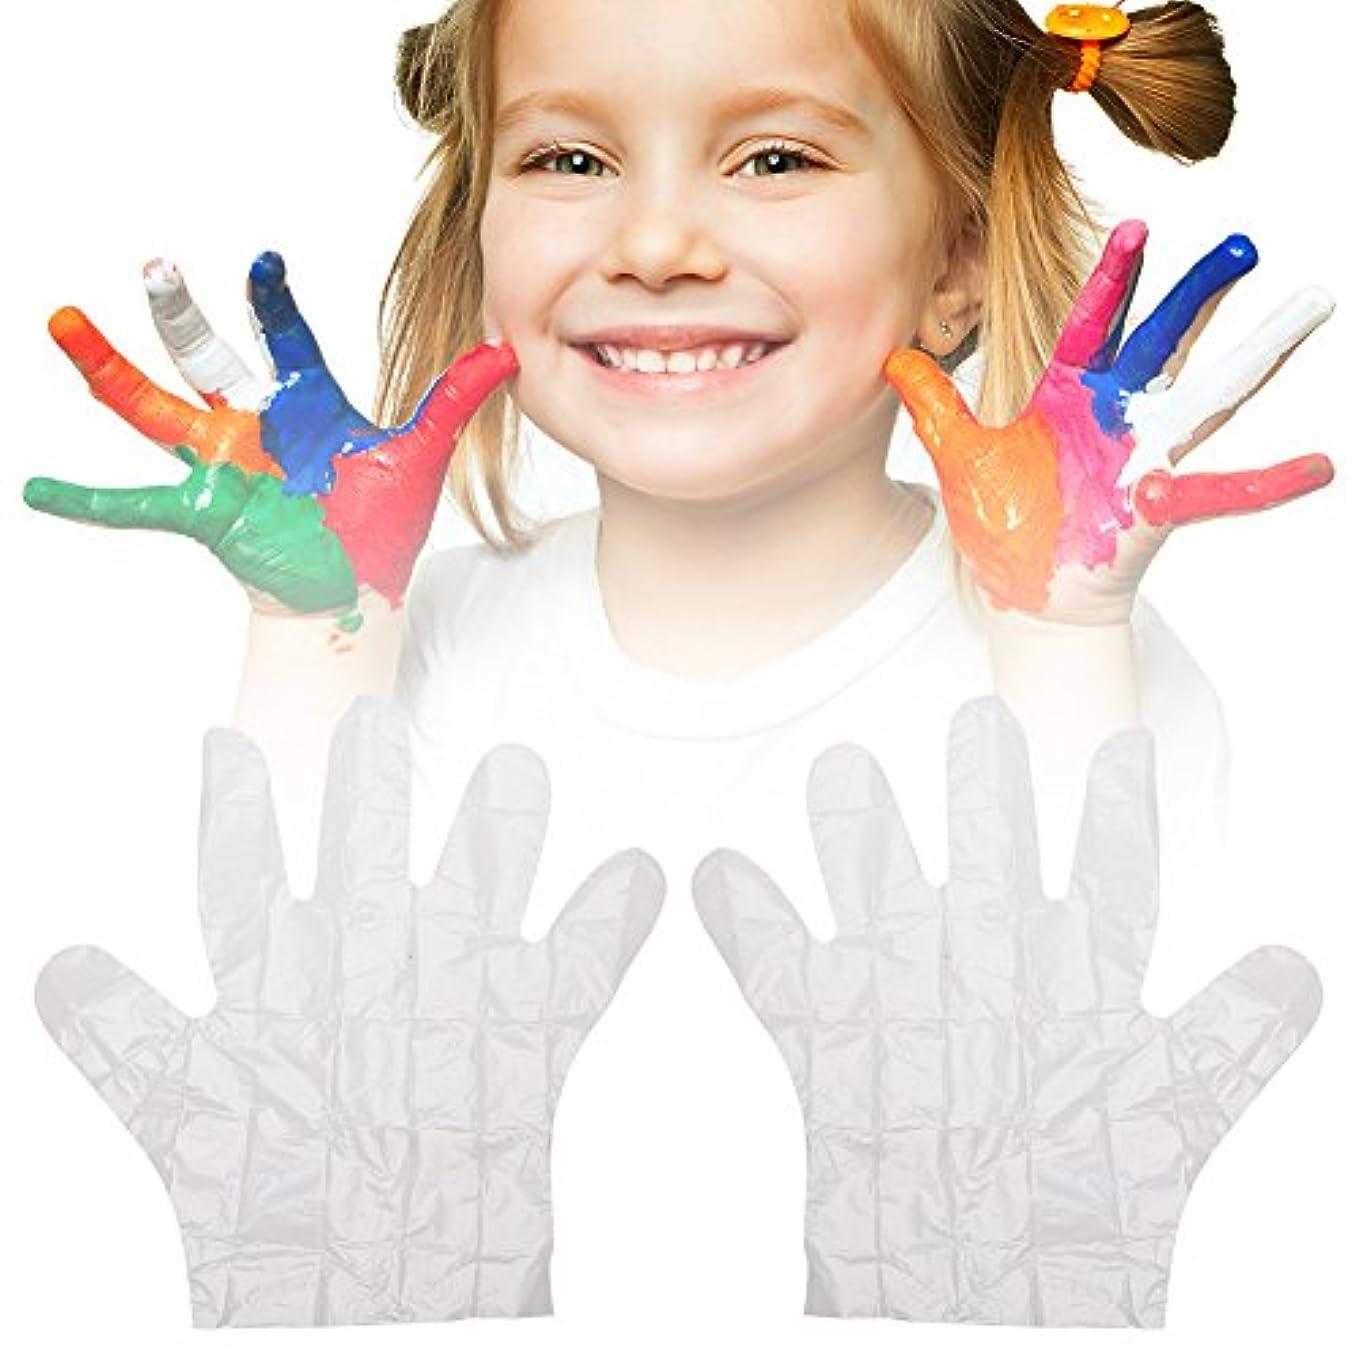 卓仕朗 手袋使い捨て 子供用 使い捨て手袋 キッズ専用 食品 調理 キッチン用品 透明 手袋 200枚